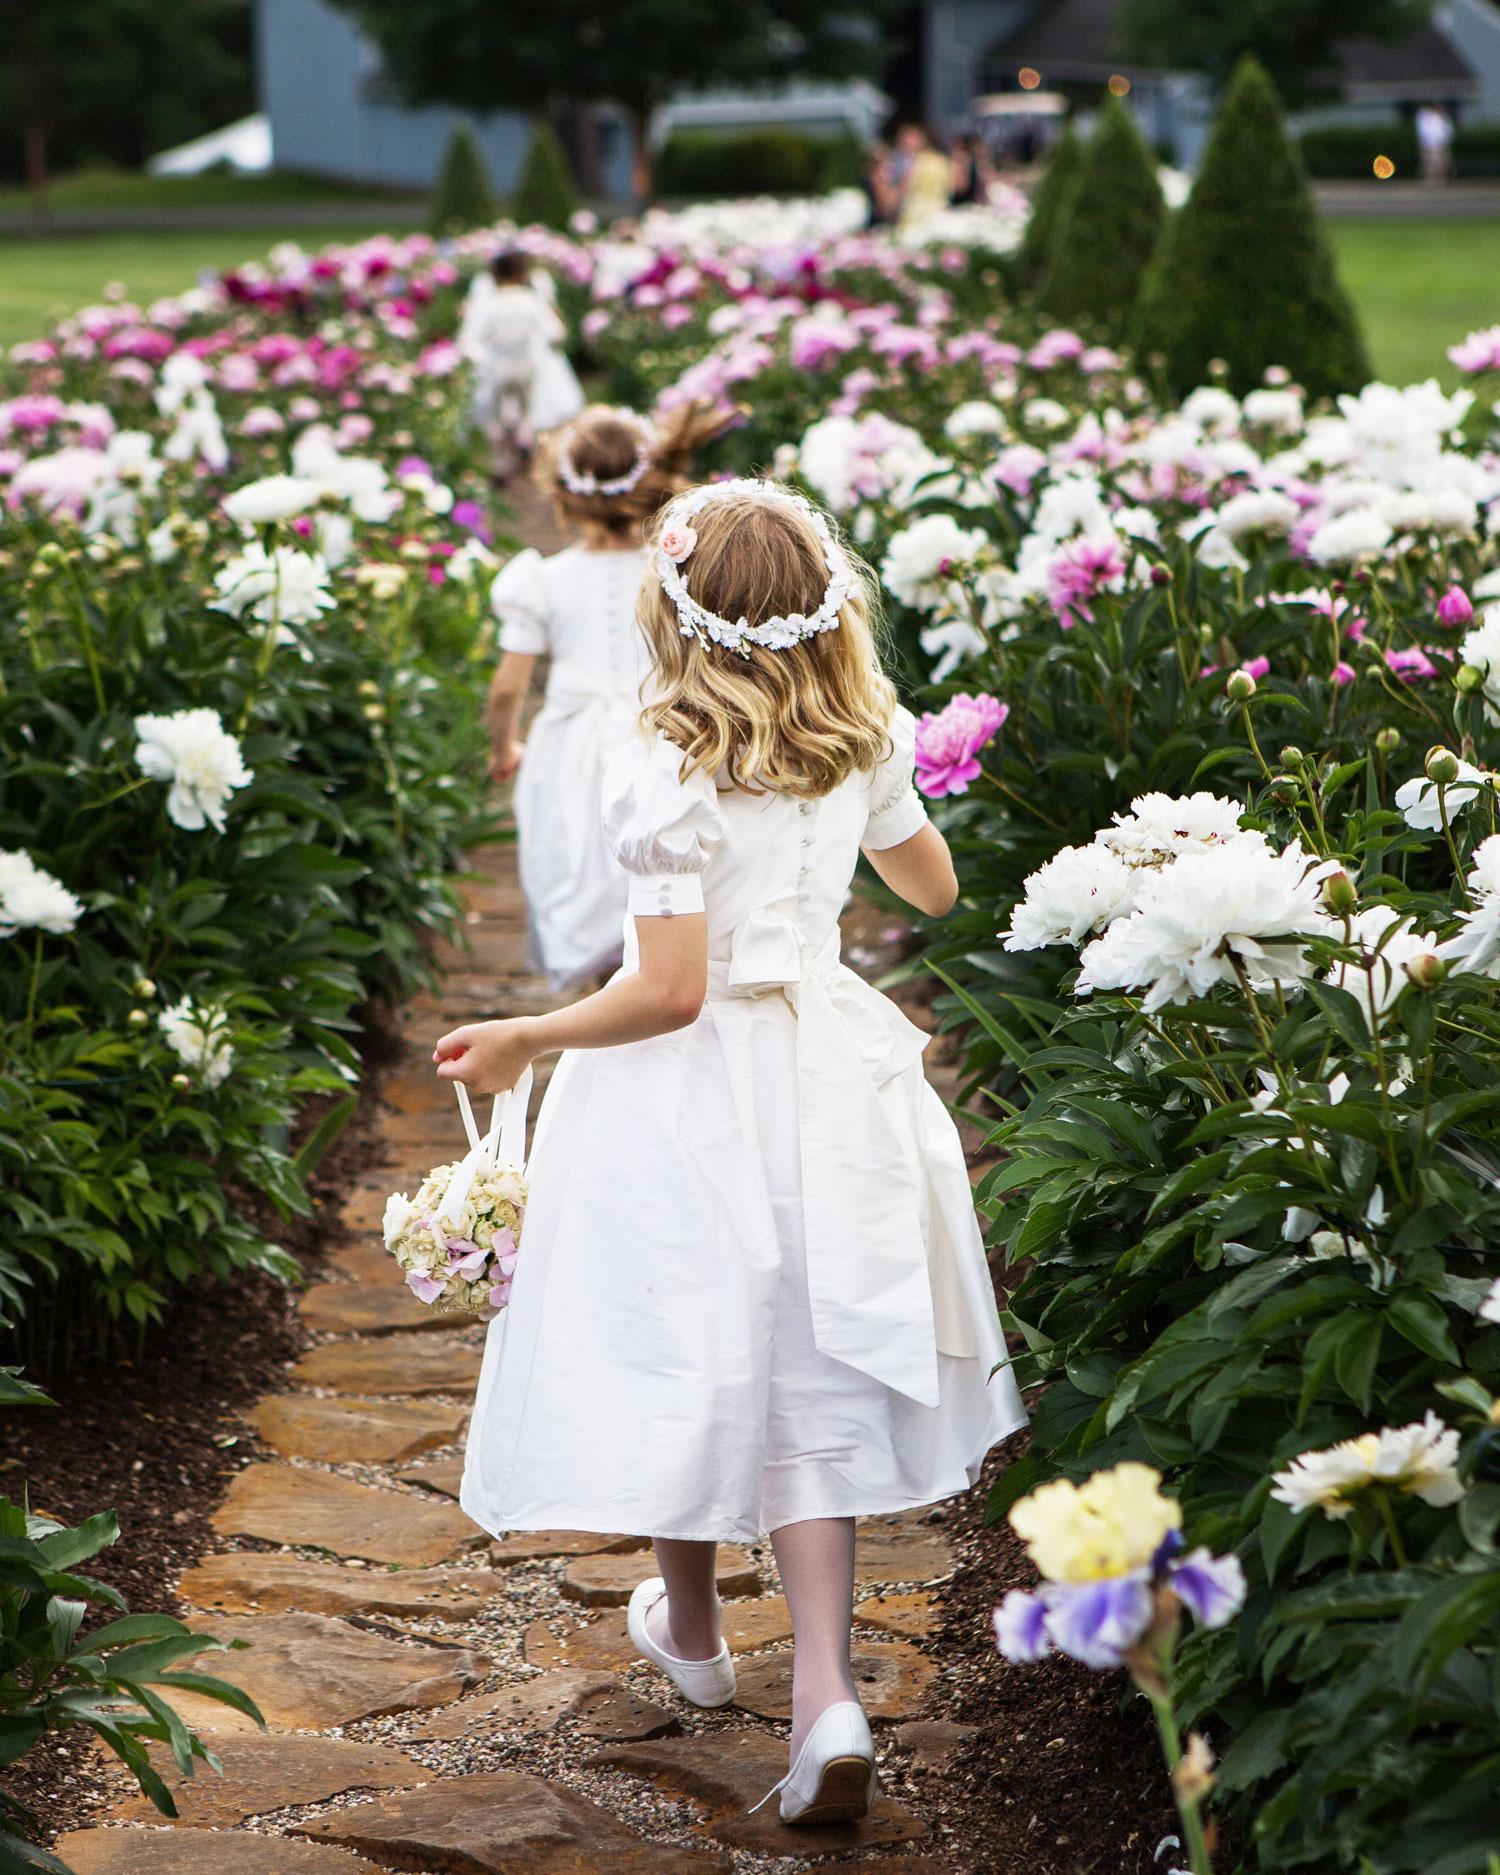 emily-matthew-wedding-flowergirls-0103-s112720-0316.jpg